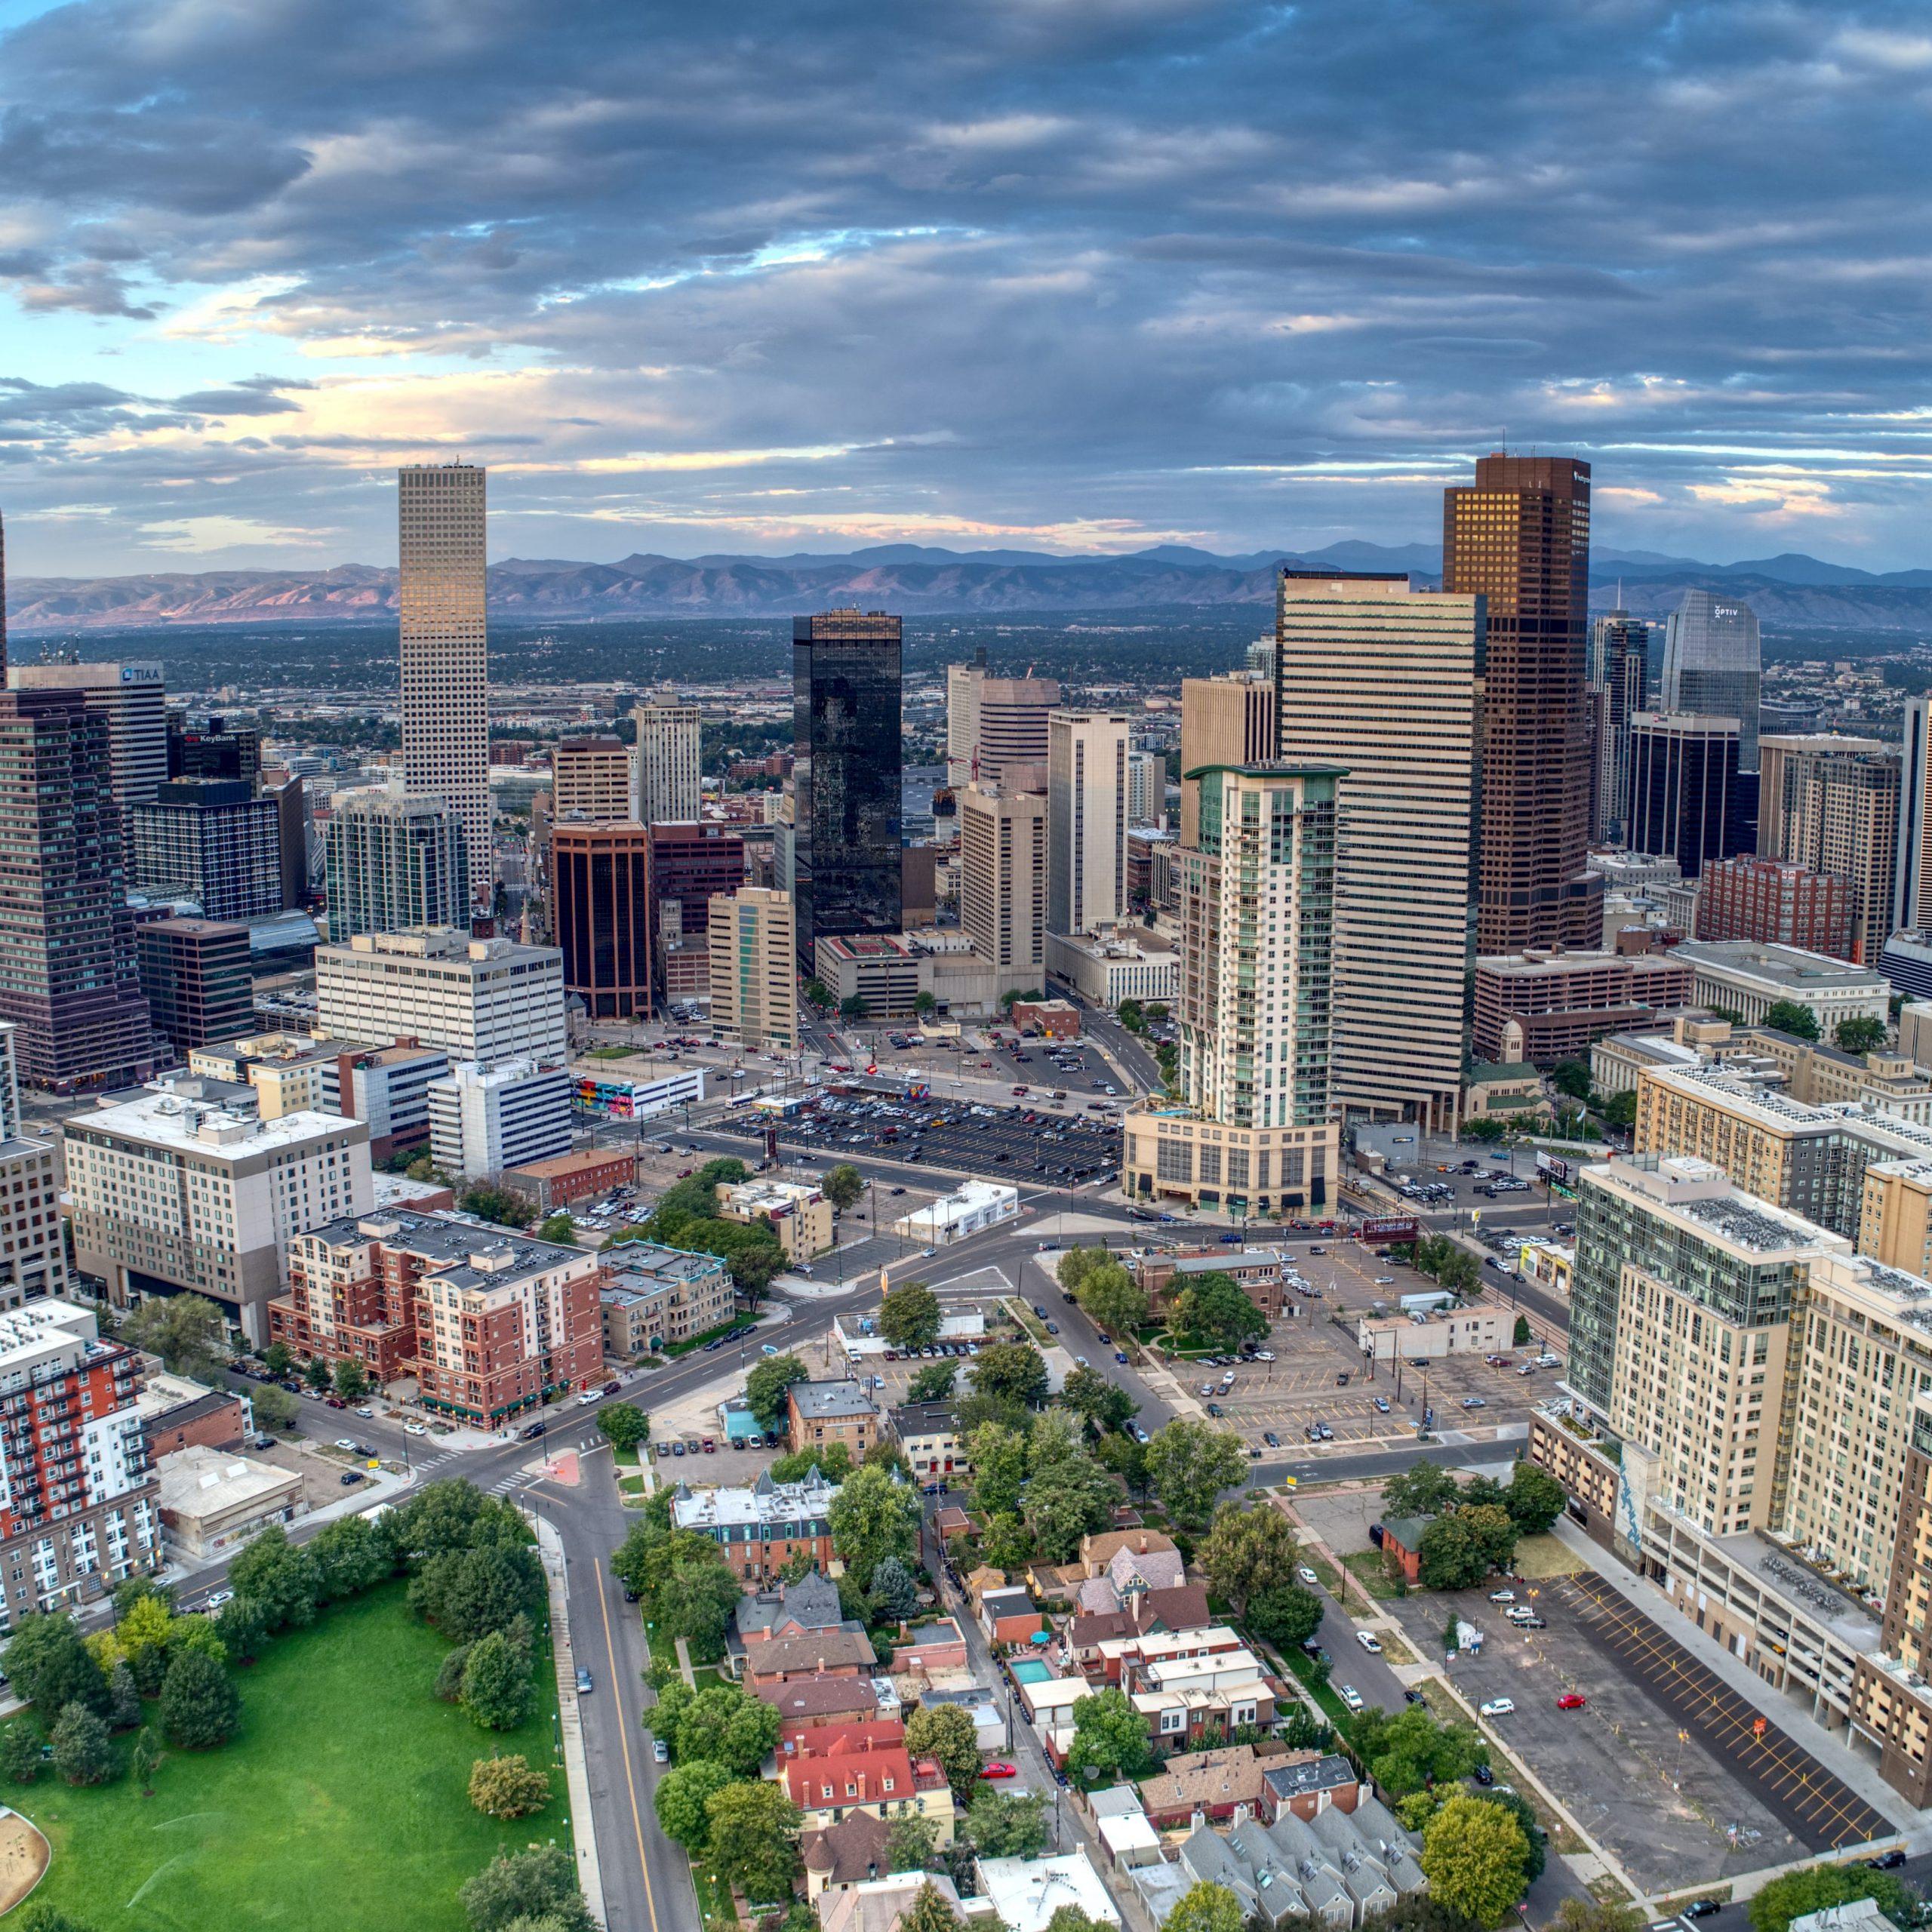 City of Denver skyline